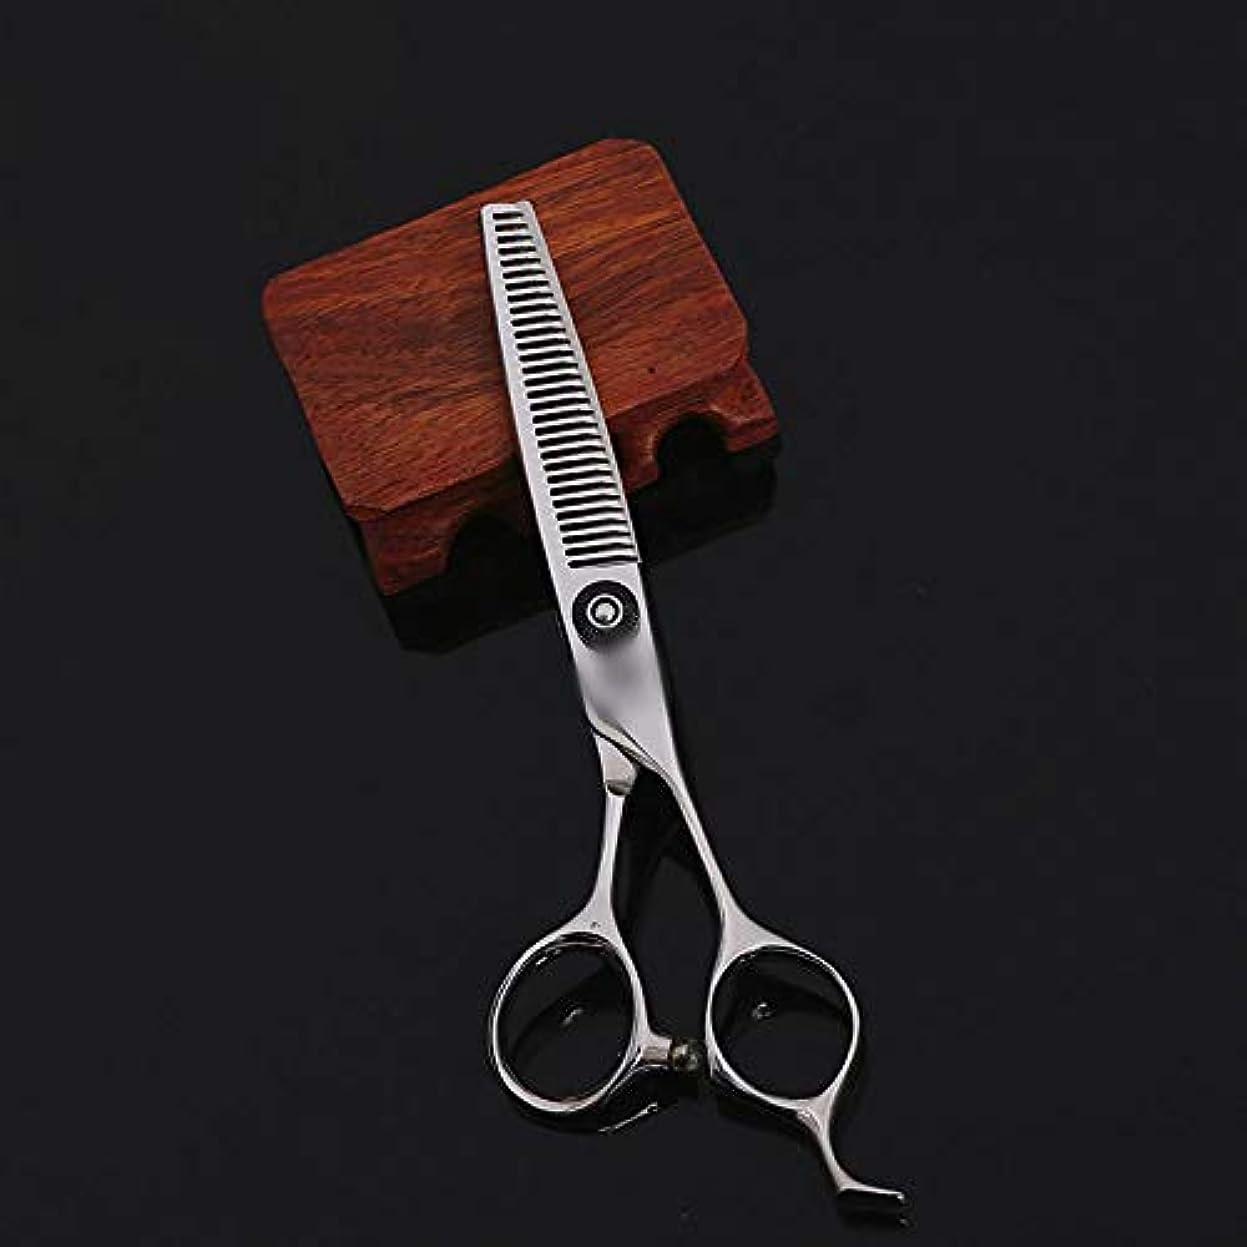 有彩色のごめんなさいくちばし6インチフラットカット理髪師特別ハイエンドプロフェッショナルステンレス鋼理髪ハイエンドはさみ モデリングツール (色 : Silver)